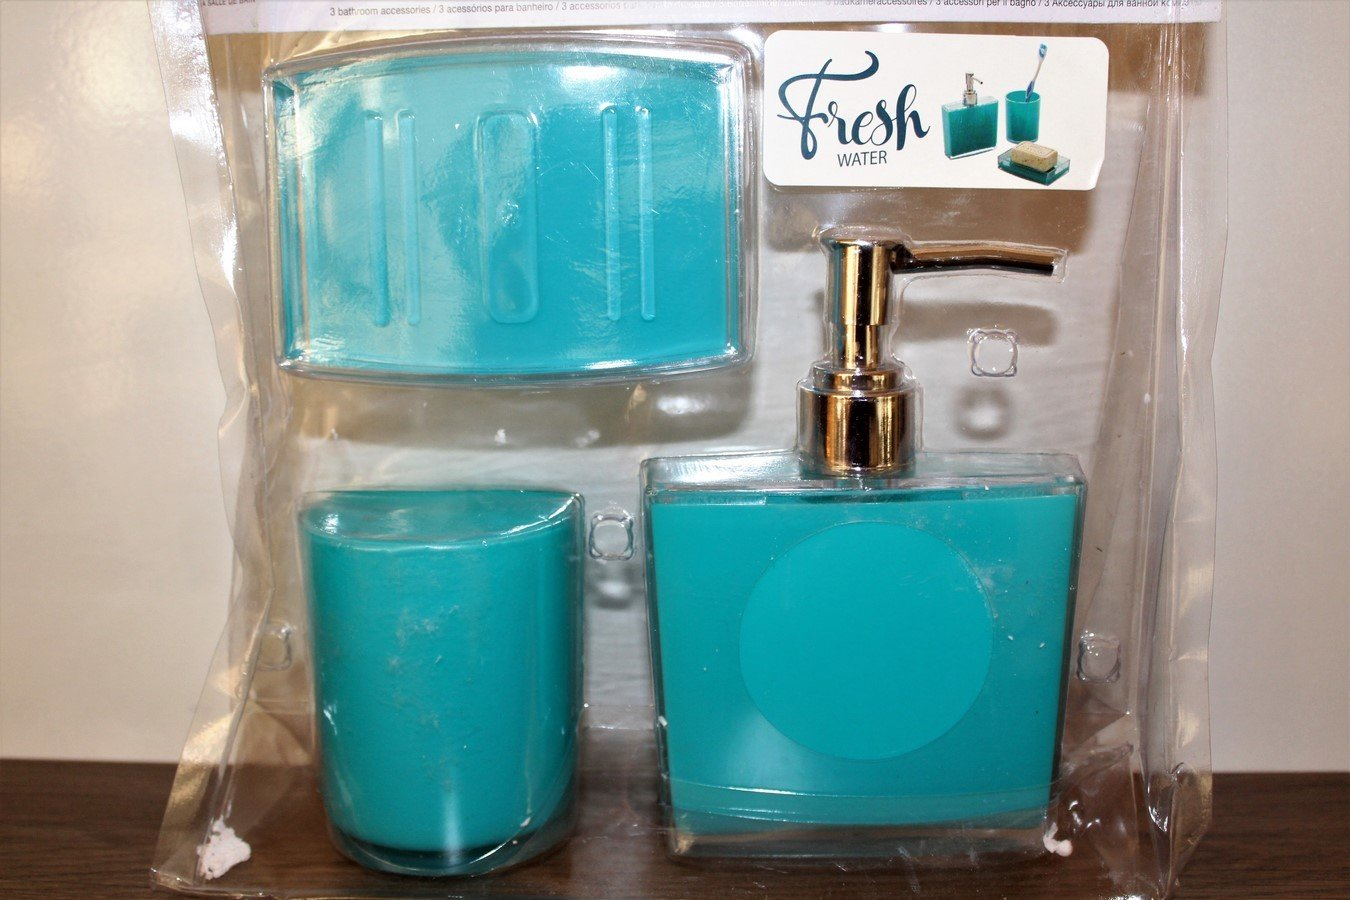 Meuble Salle De Bain Lyon ~ Accessoire Salle De Bain X 3 Acqua Bleu Turquoise Misogn